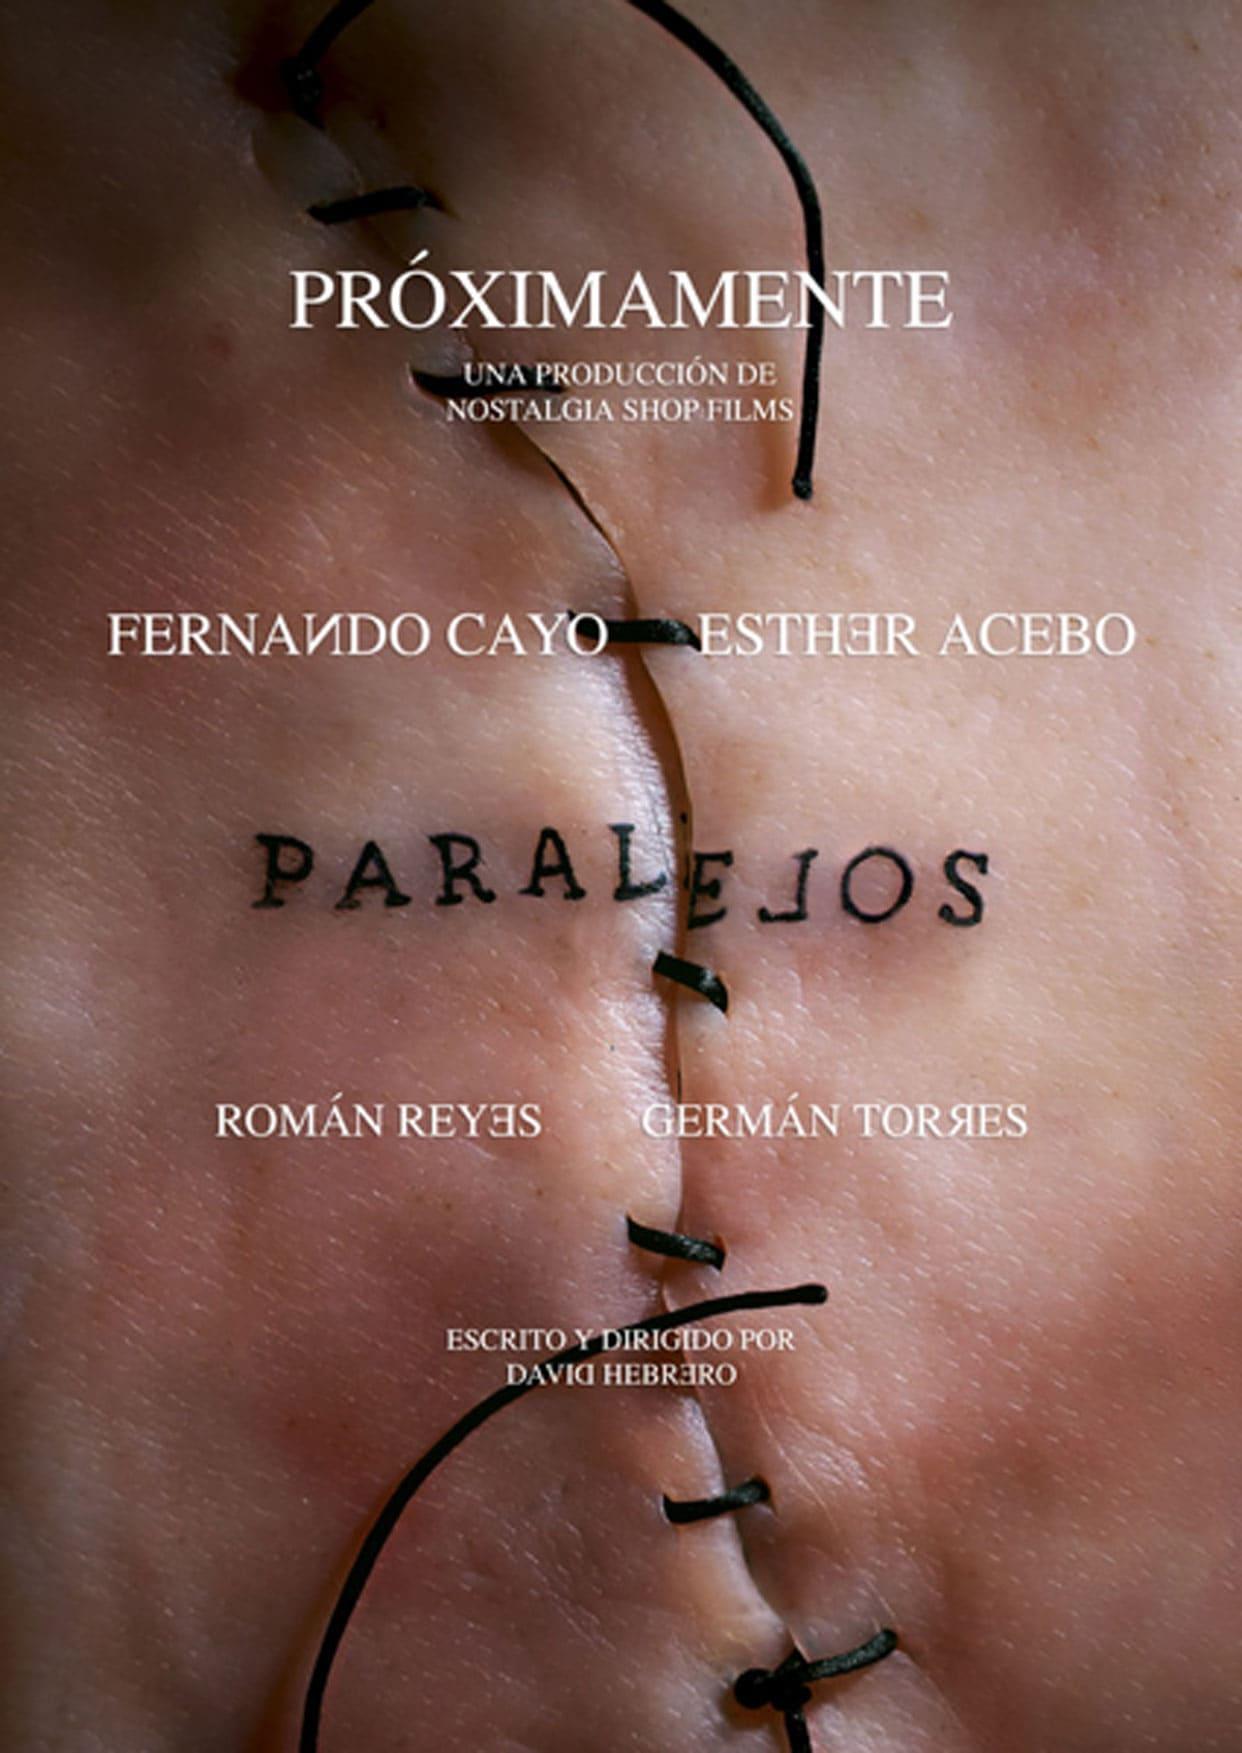 PARALELOS-David-Hebrero-Lobelos